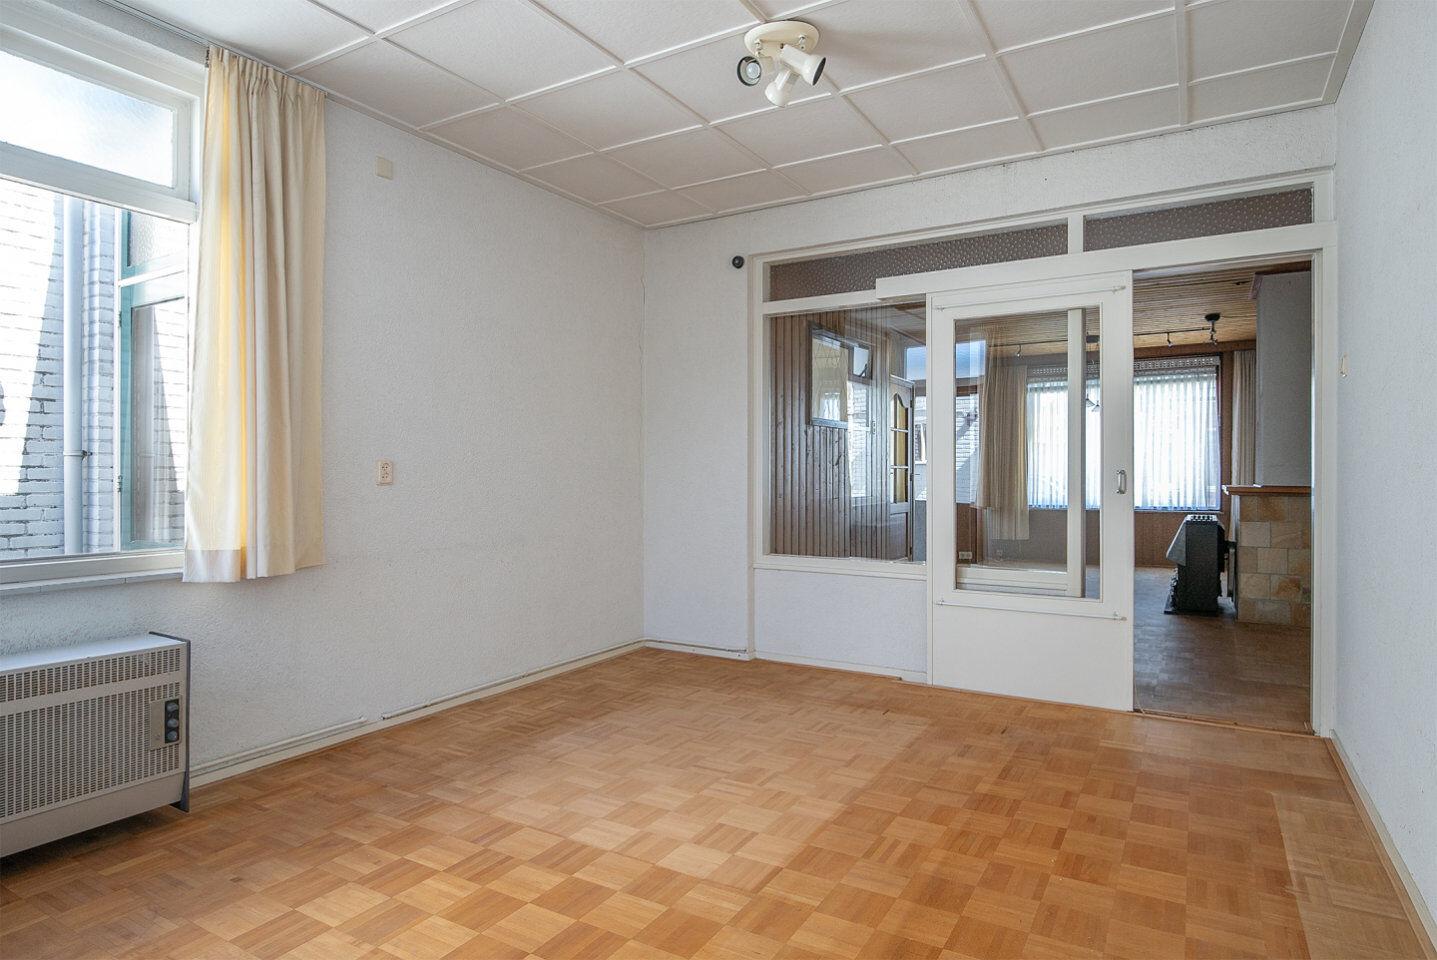 27203-de_ram_van_hagedoornstraat_13-steenbergen-3978105200